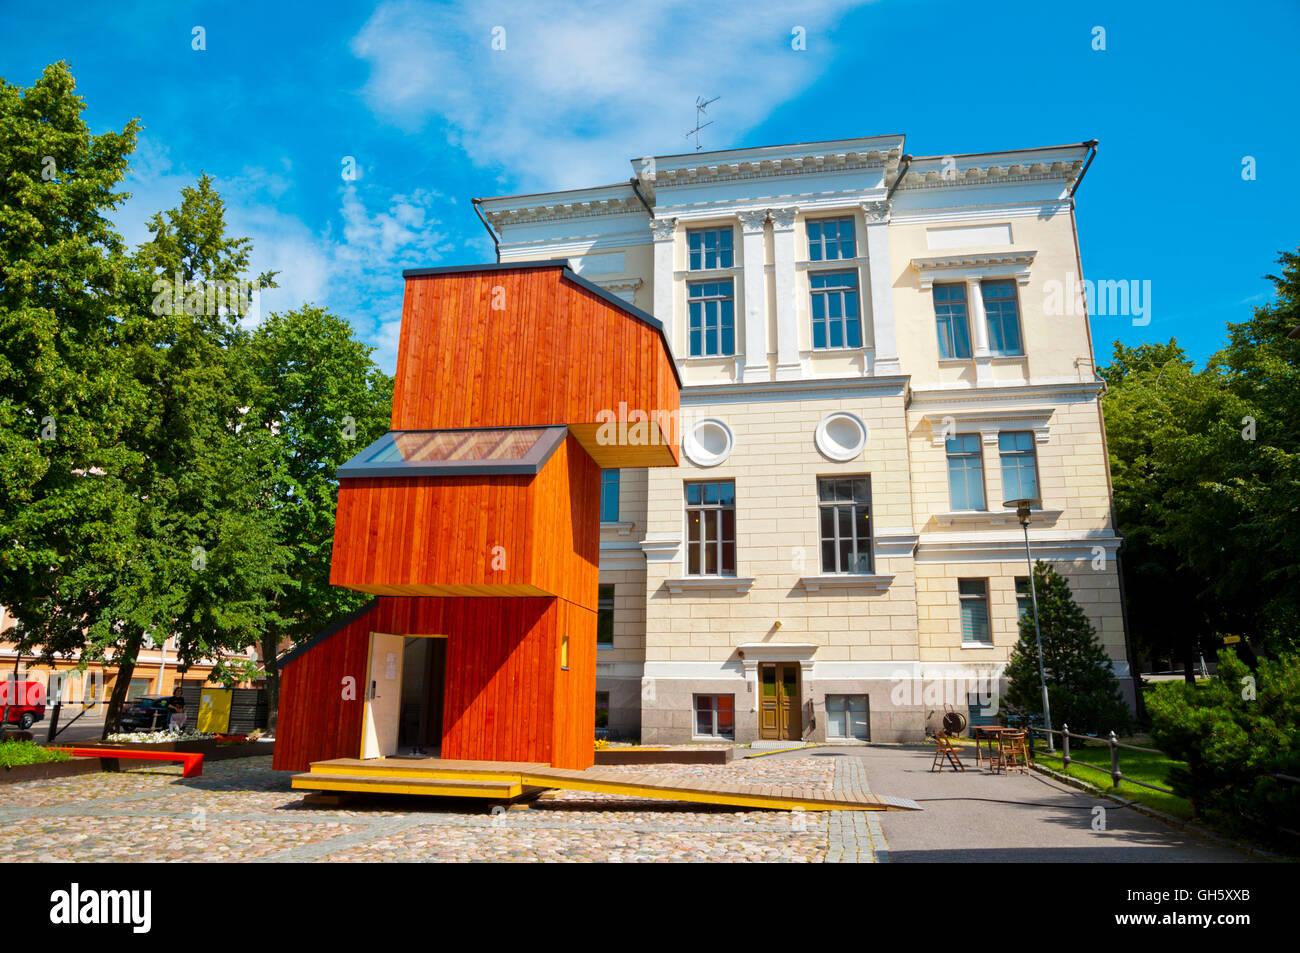 Suomen arkkitehtuurimuseo, Museo de Arquitectura finlandesa, con madera edificio KoKoon, Helsinki, Finlandia Imagen De Stock